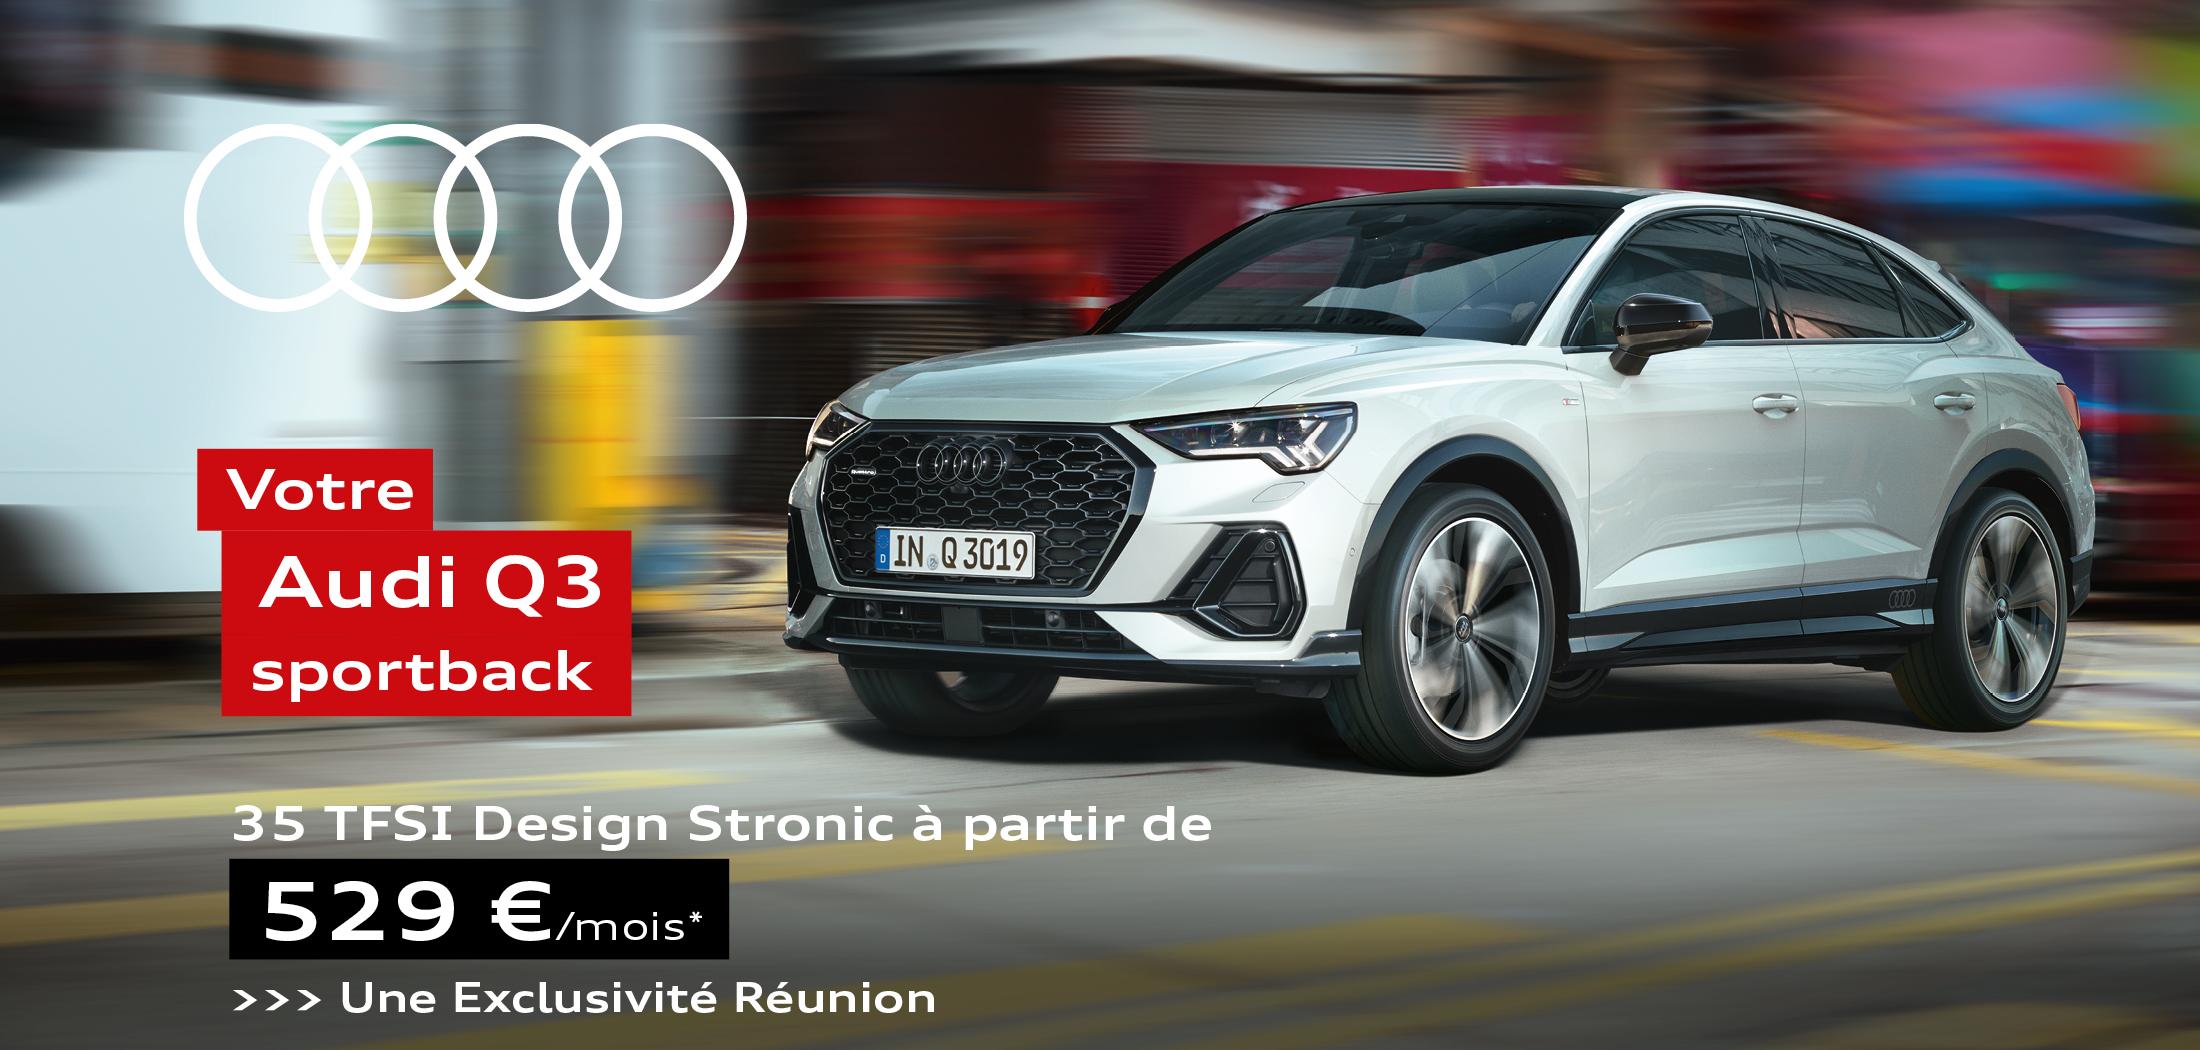 Audi Q3 SPORTBACK 35 TFSI Design Stronic à partir de 529€ par mois